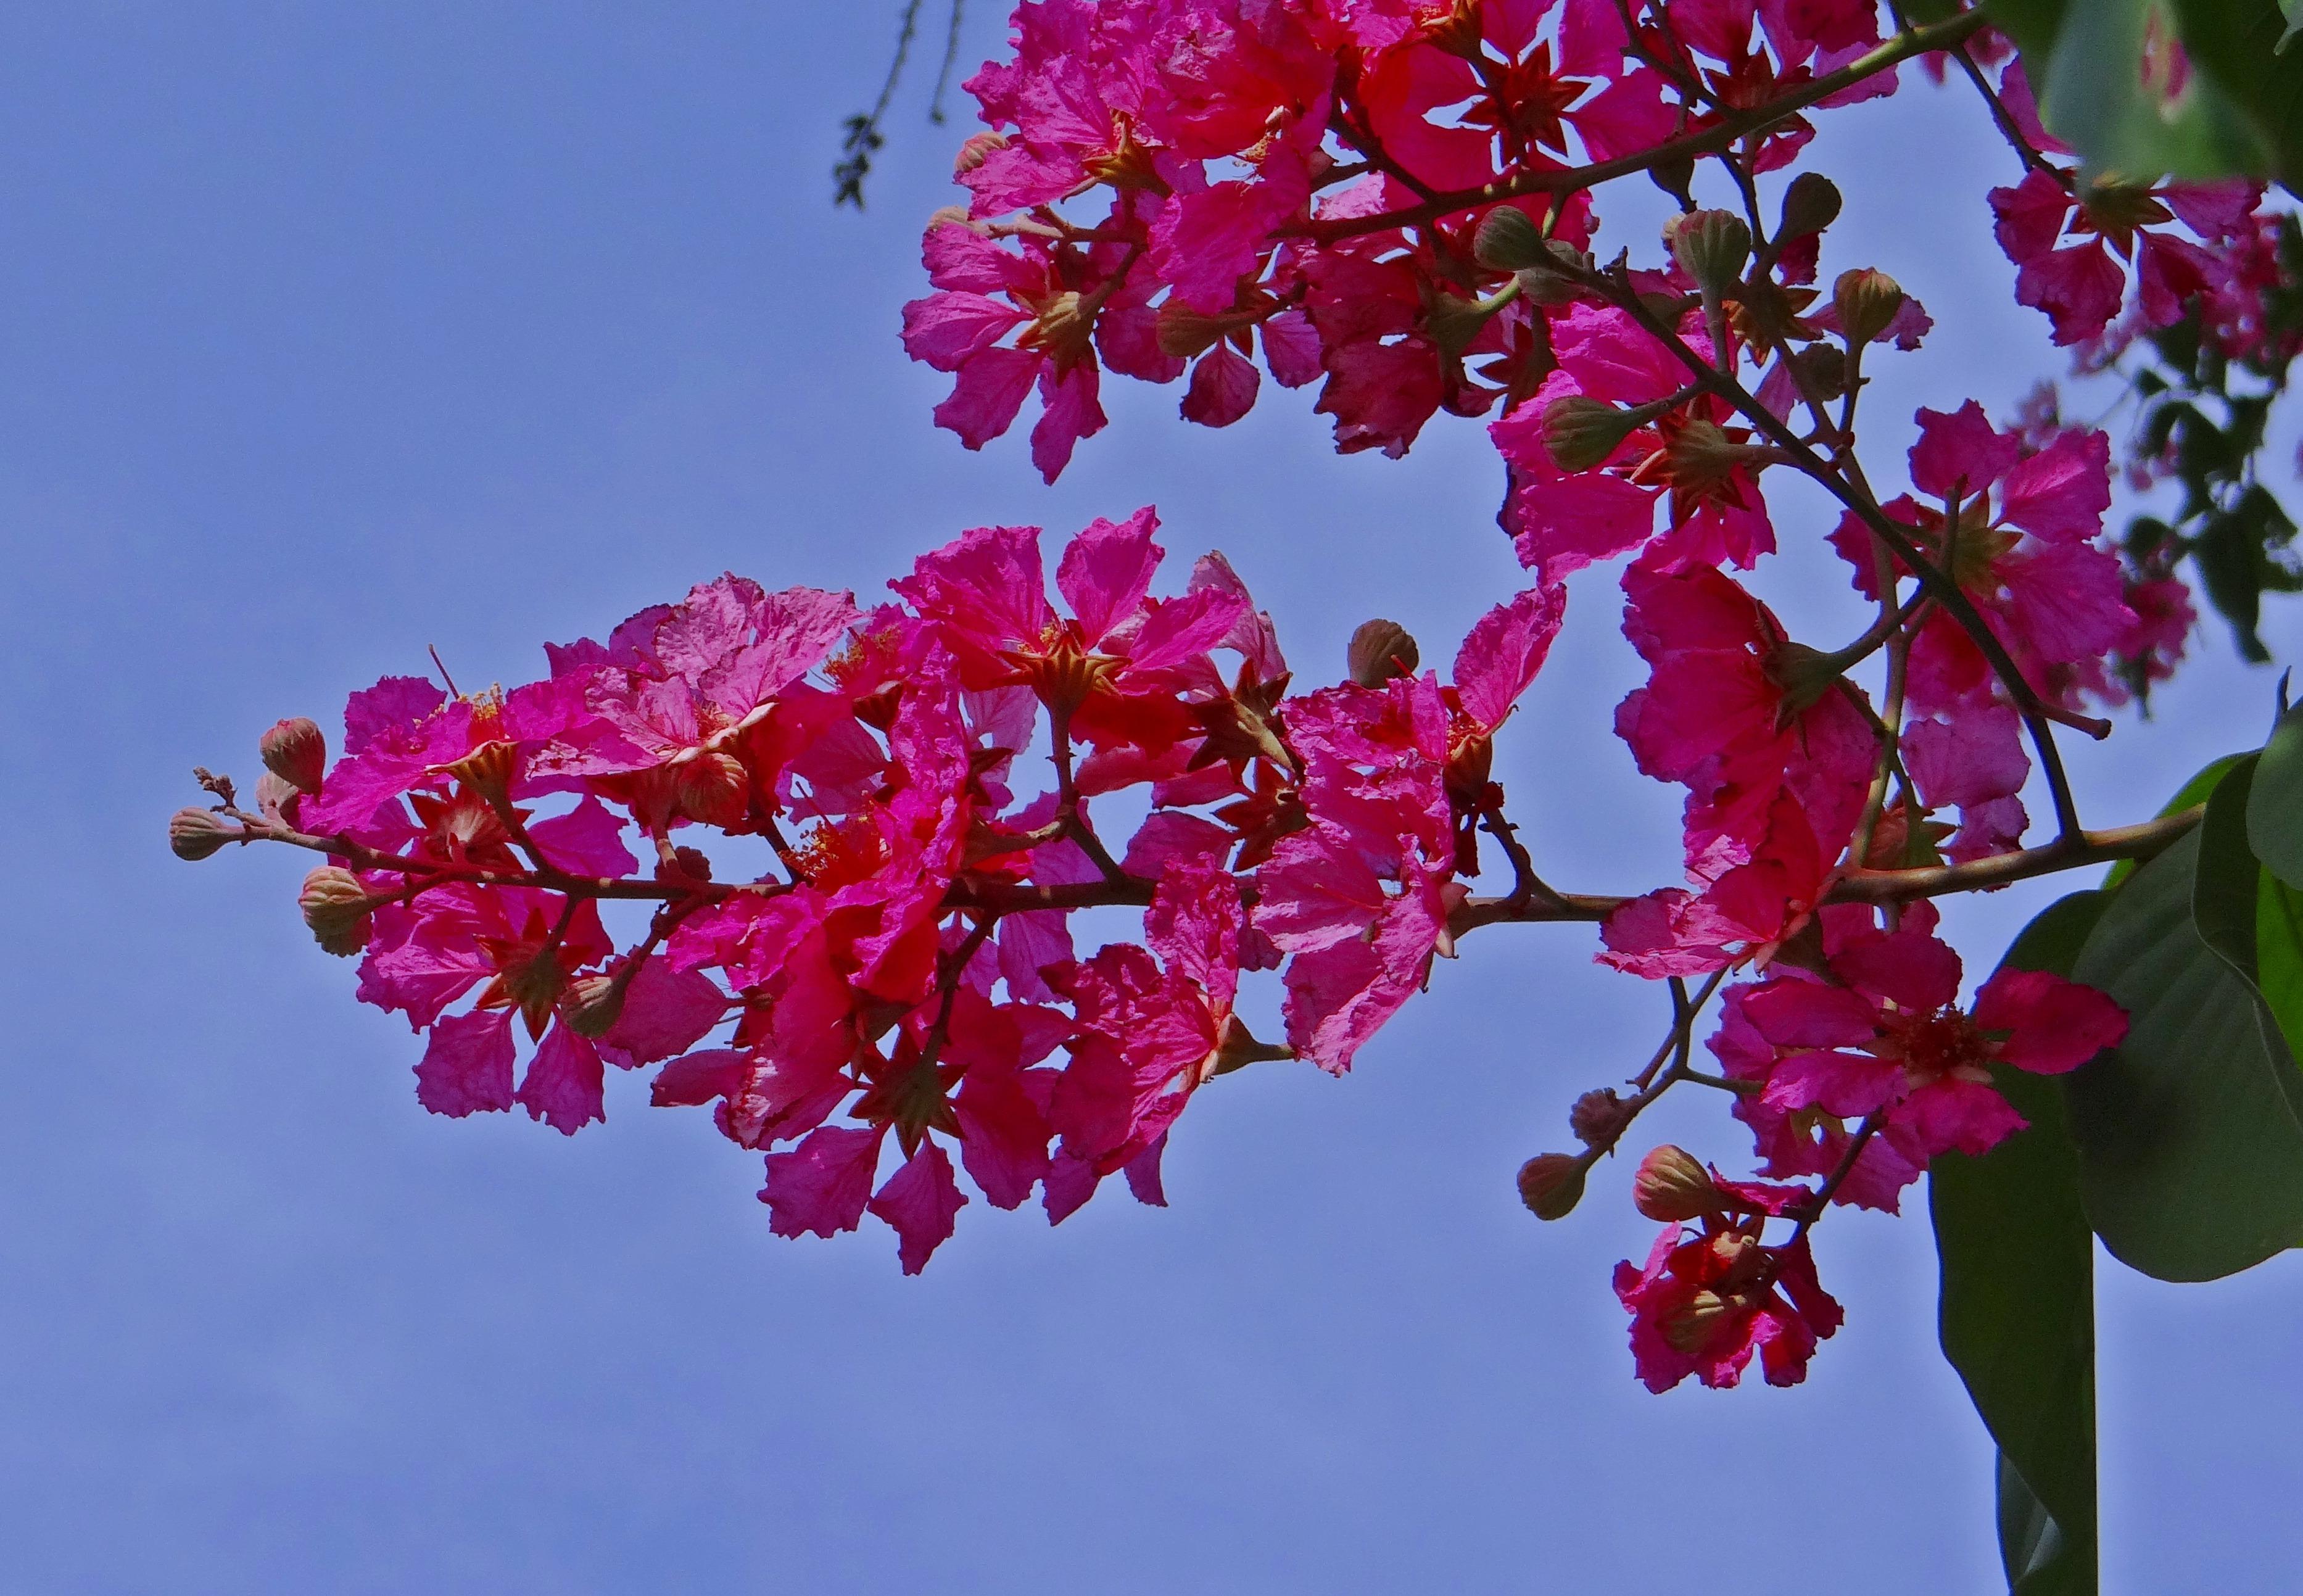 Images Gratuites : arbre, branche, fleur, feuille, violet, pétale, printemps, botanique, flore ...